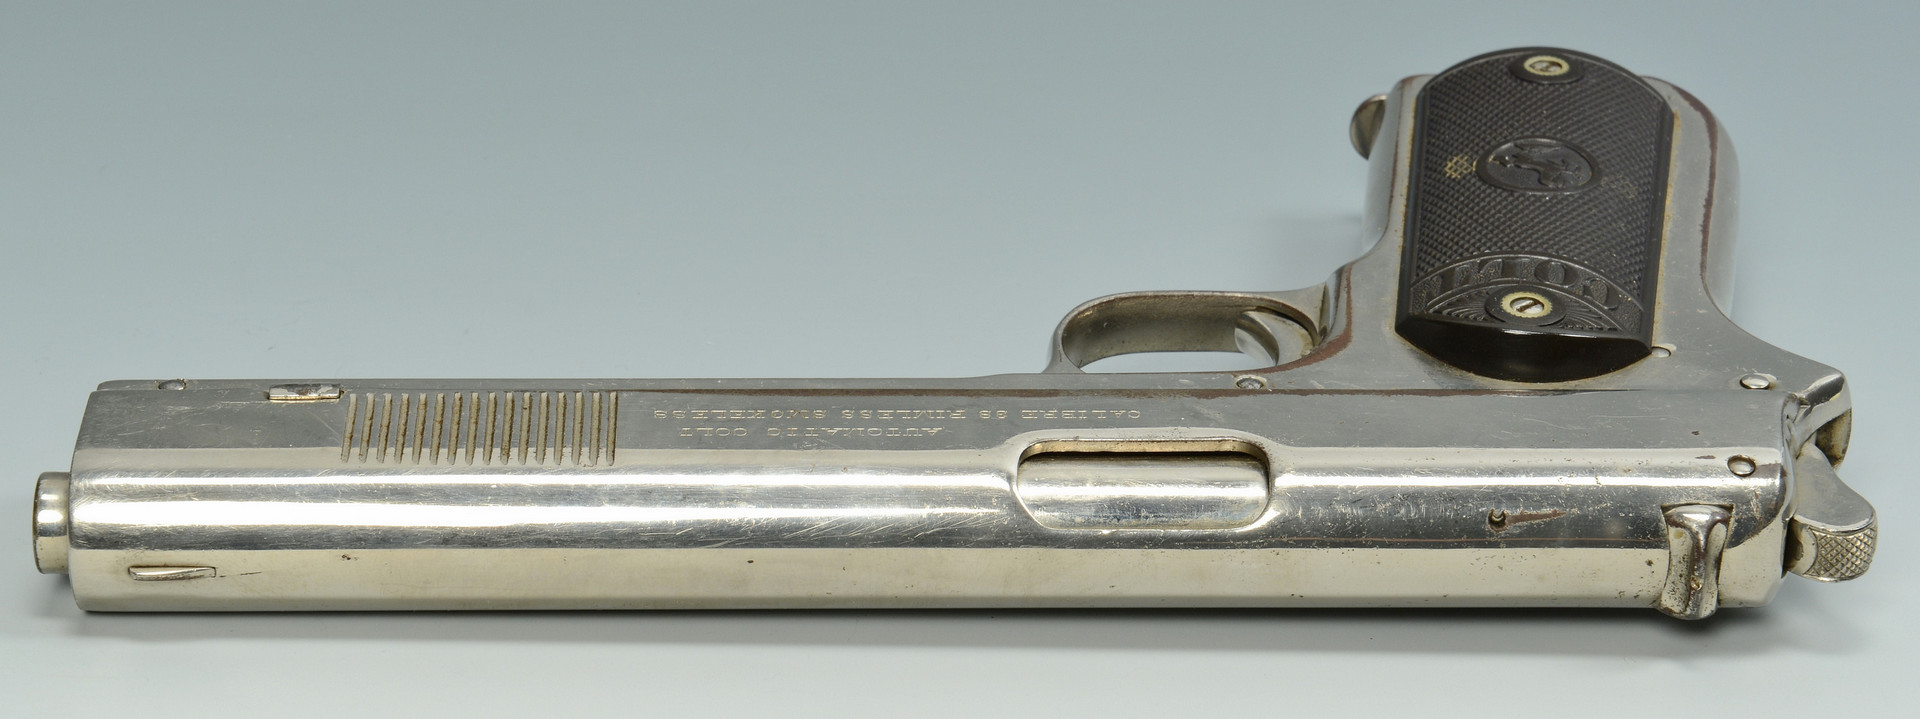 Lot 404: .38 Colt Model 1902 Pistol, Bonnie & Clyde